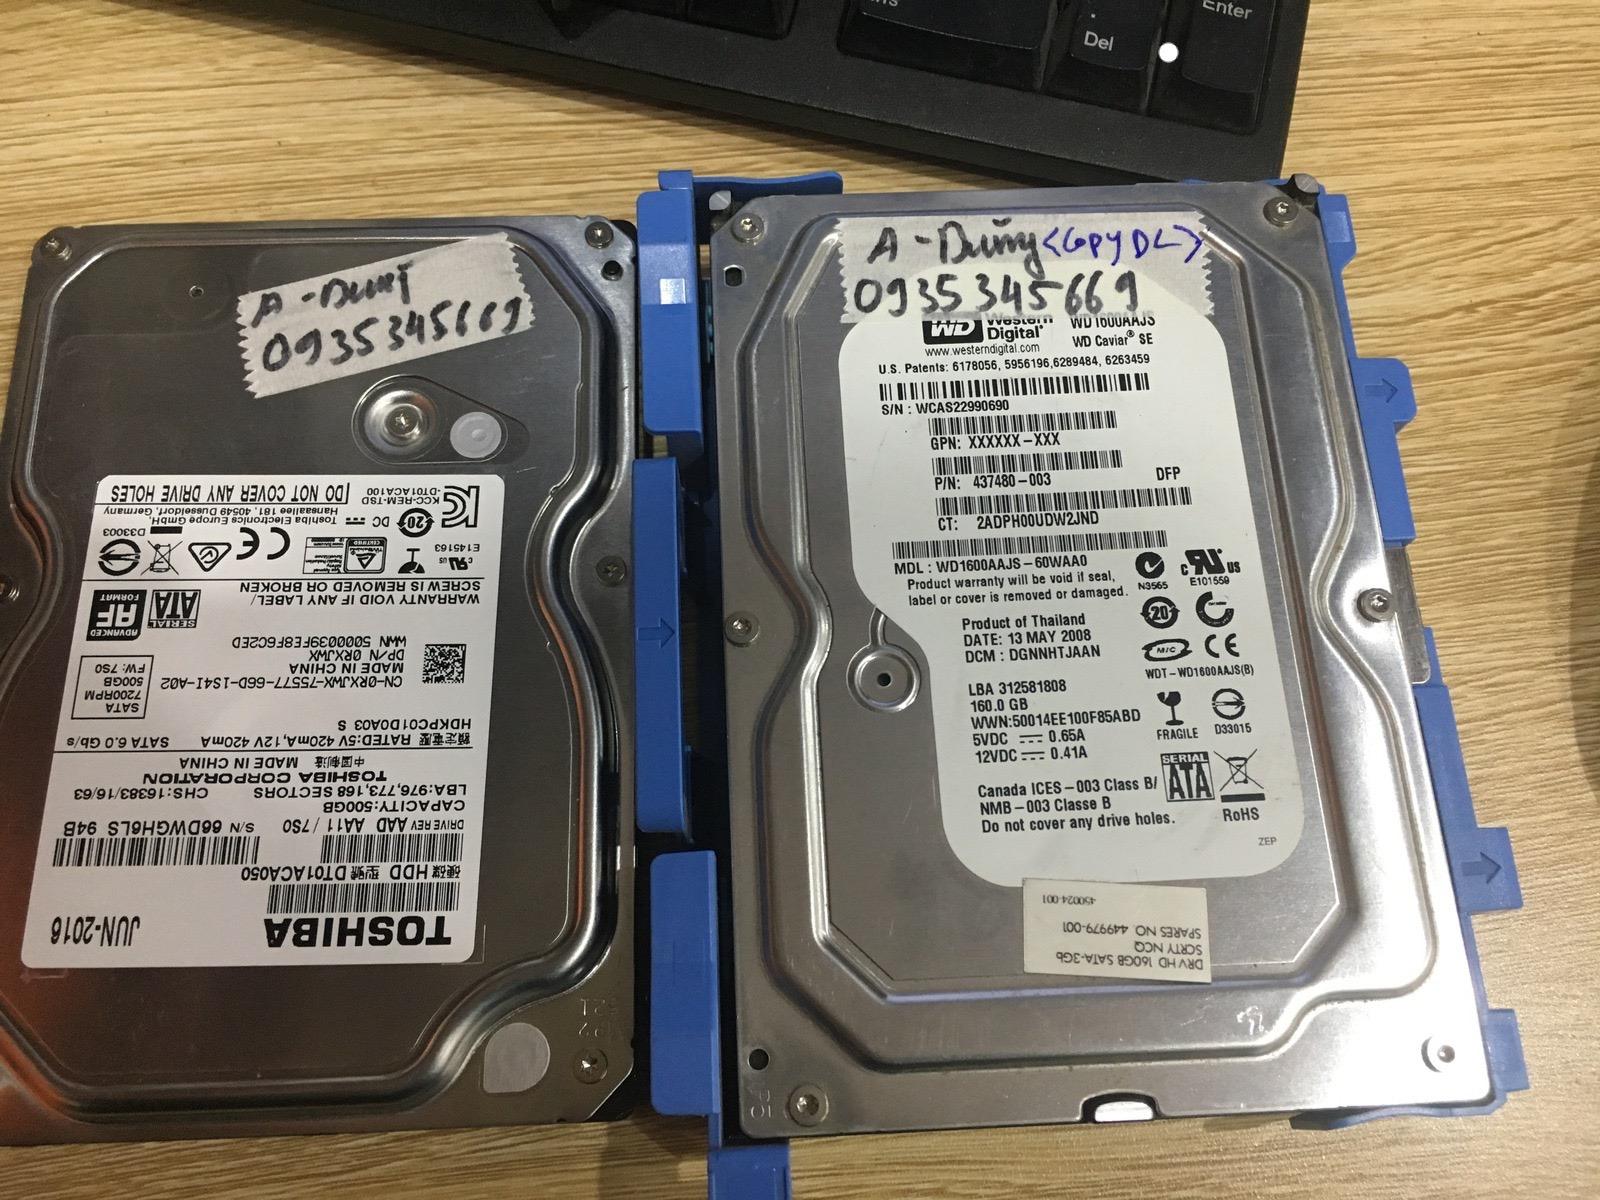 Phục hồi dữ liệu ổ cứng Toshiba 500GB đầu đọc kém 24/04/2020 - cuumaytinh